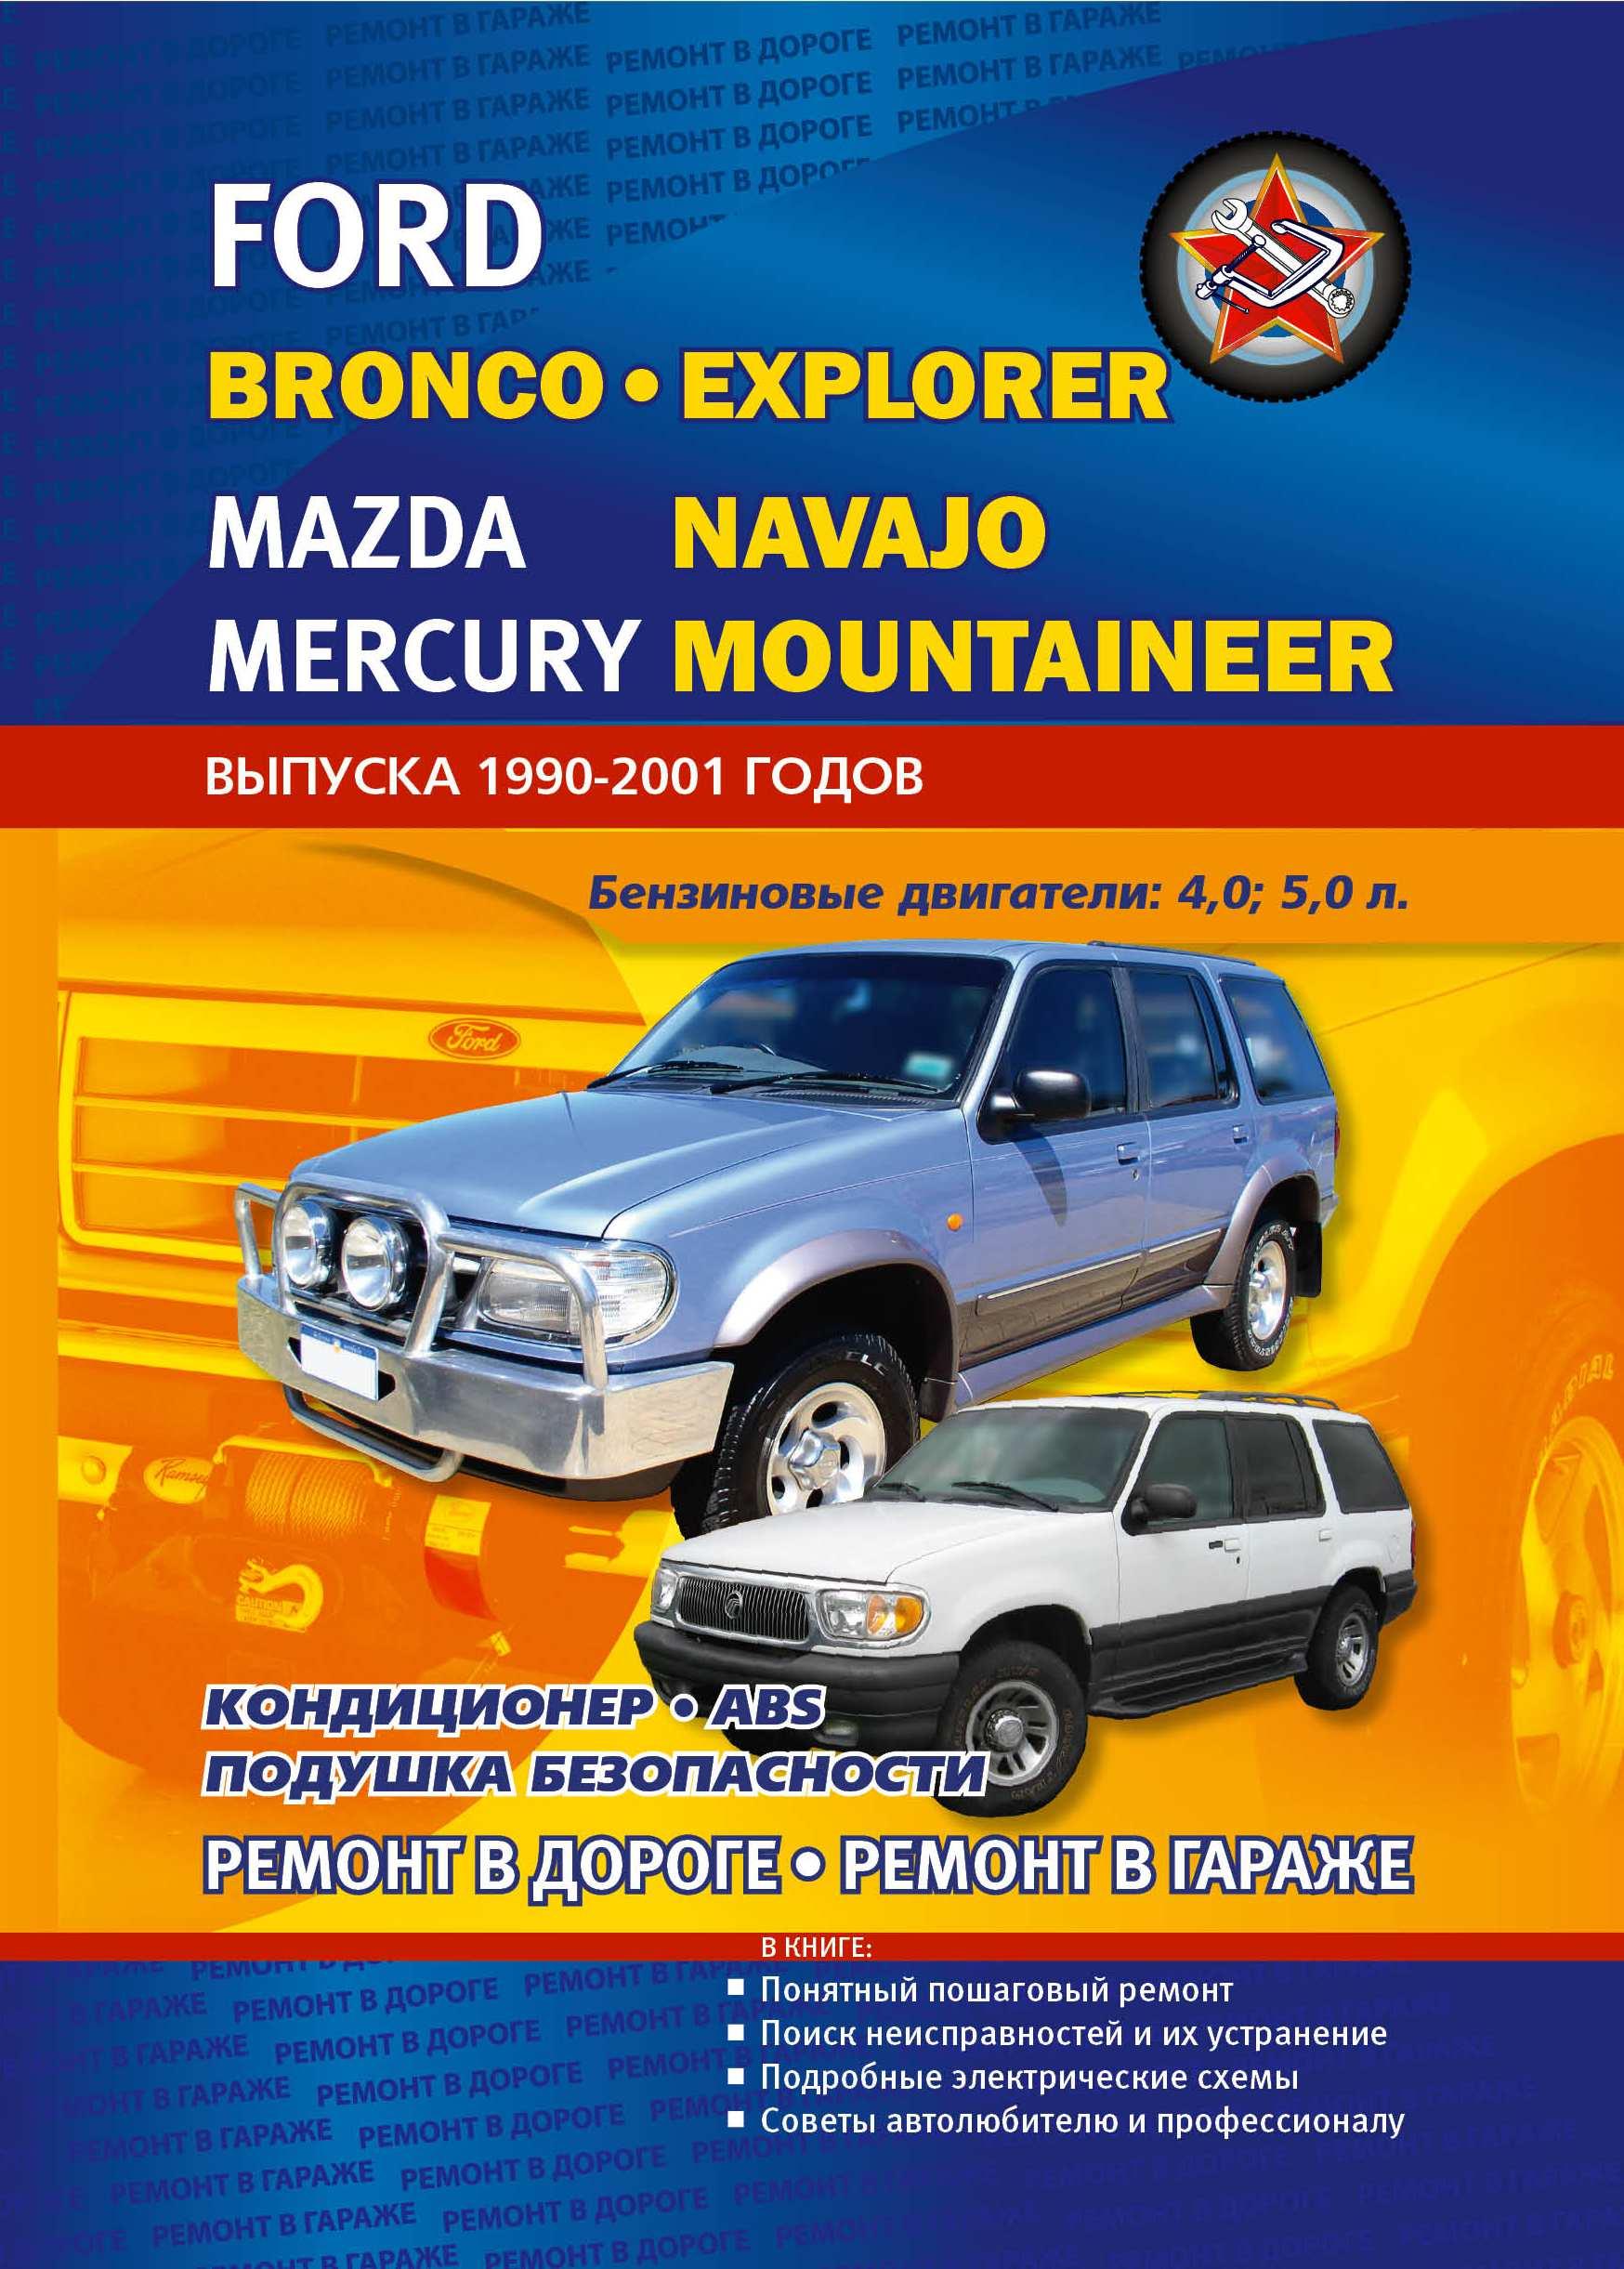 Ford Bronco, Ford Explorer, Mazda Navaj - ремонт в дороге, ремонт в гараже. Практическое руководство